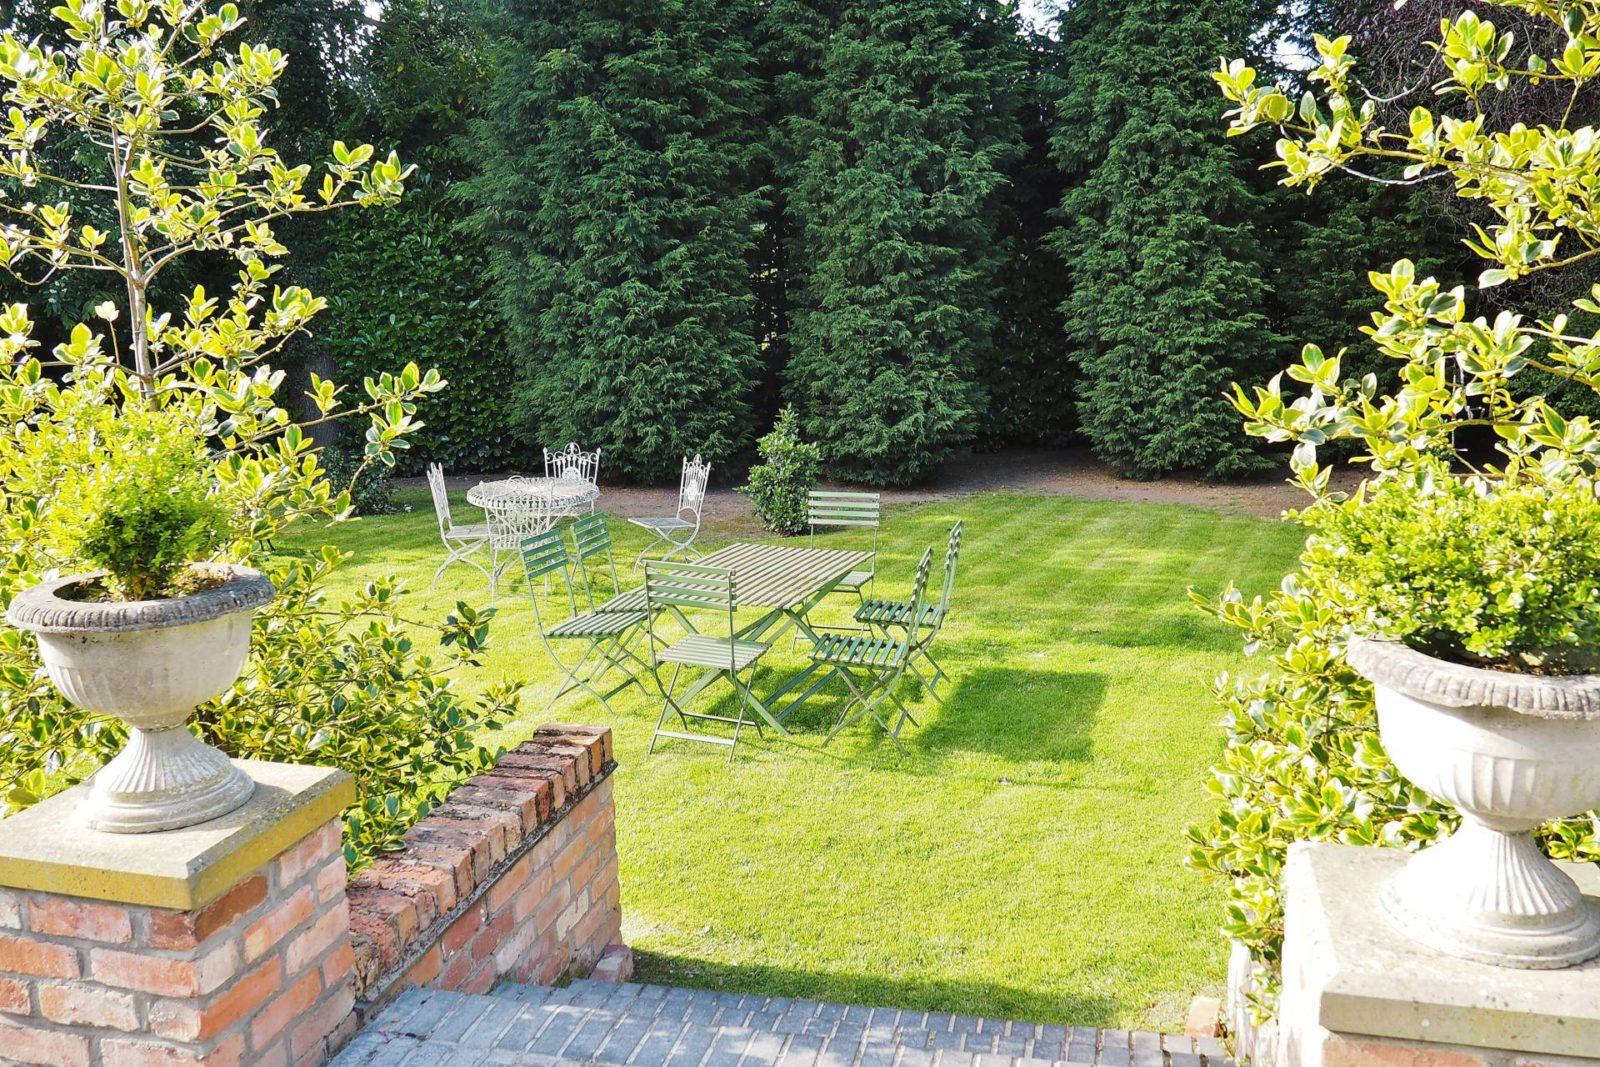 Netherstow-House-Lichfield-Garden